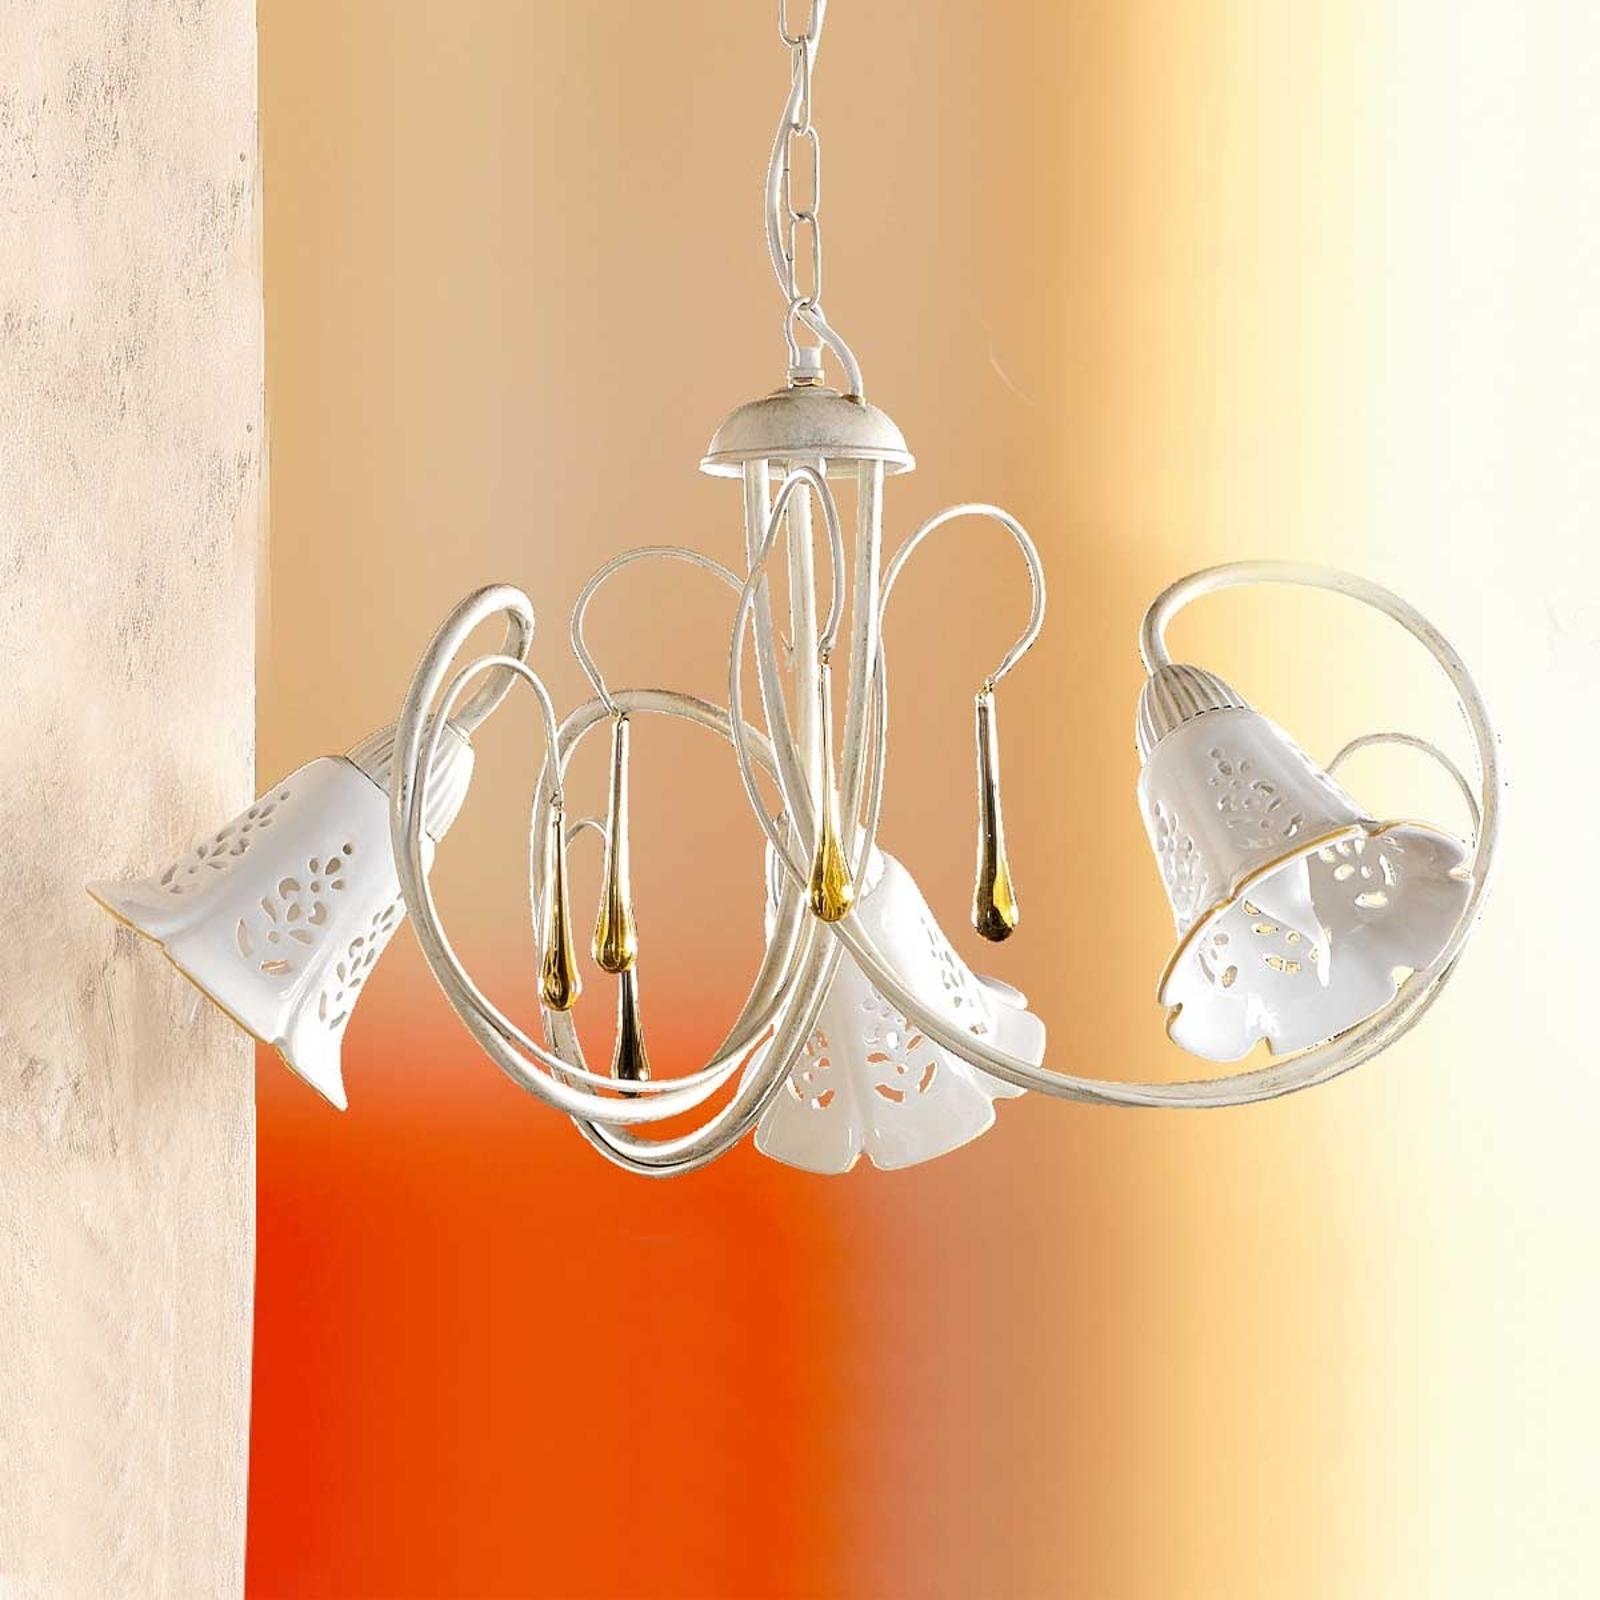 Závěsné světlo Gocce 3zdrojové